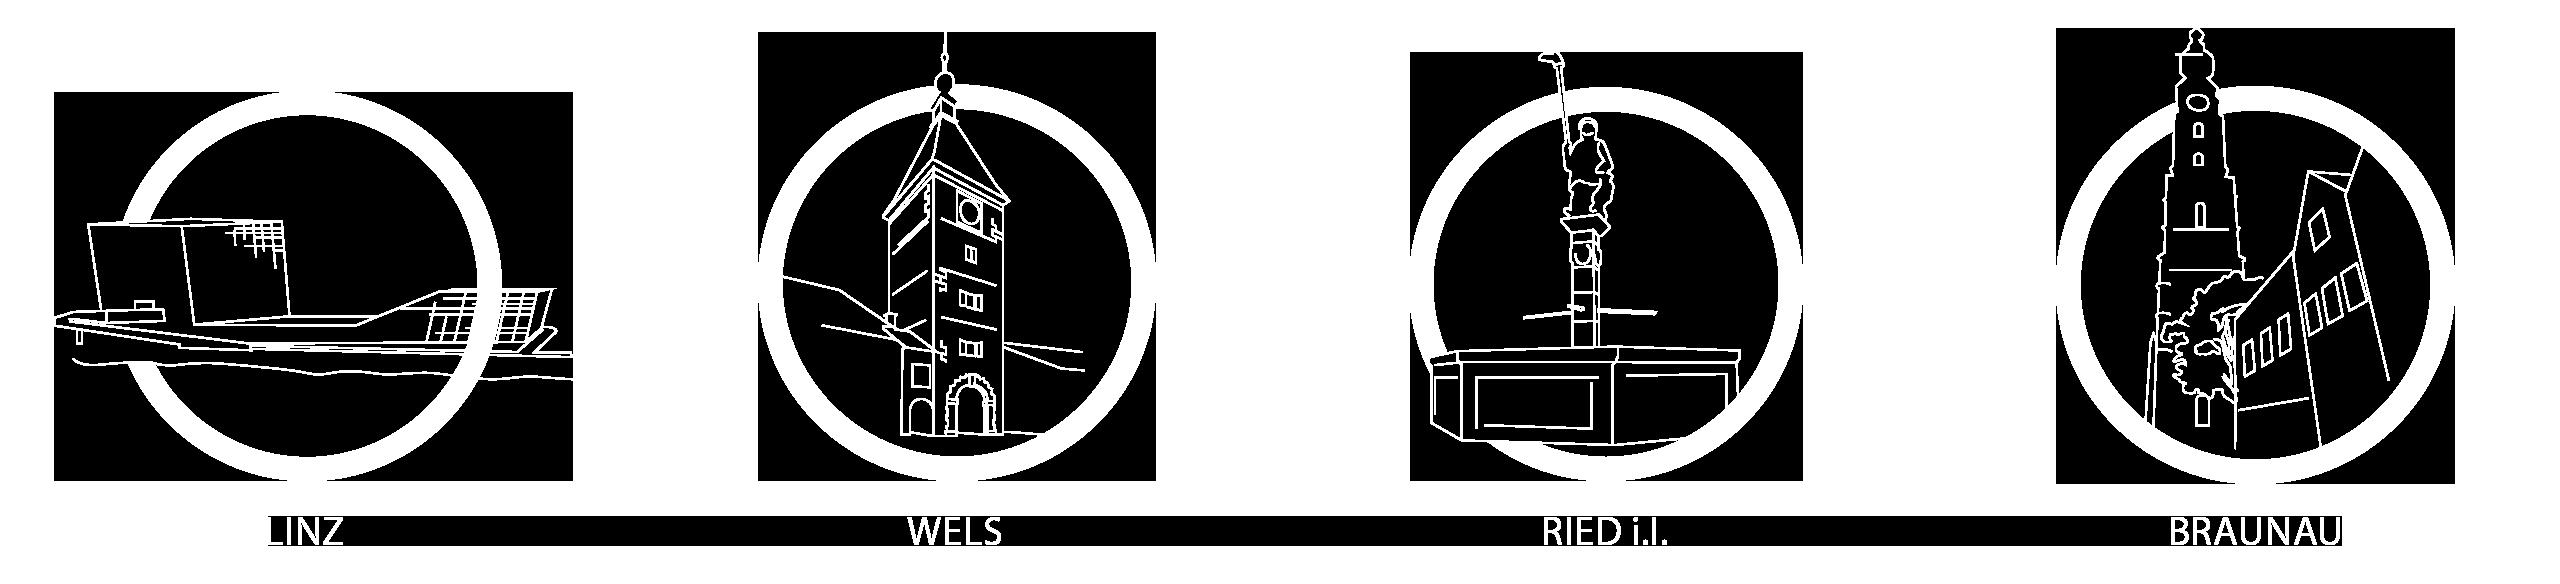 djw-heimbauvereinull-orte-illustrationen